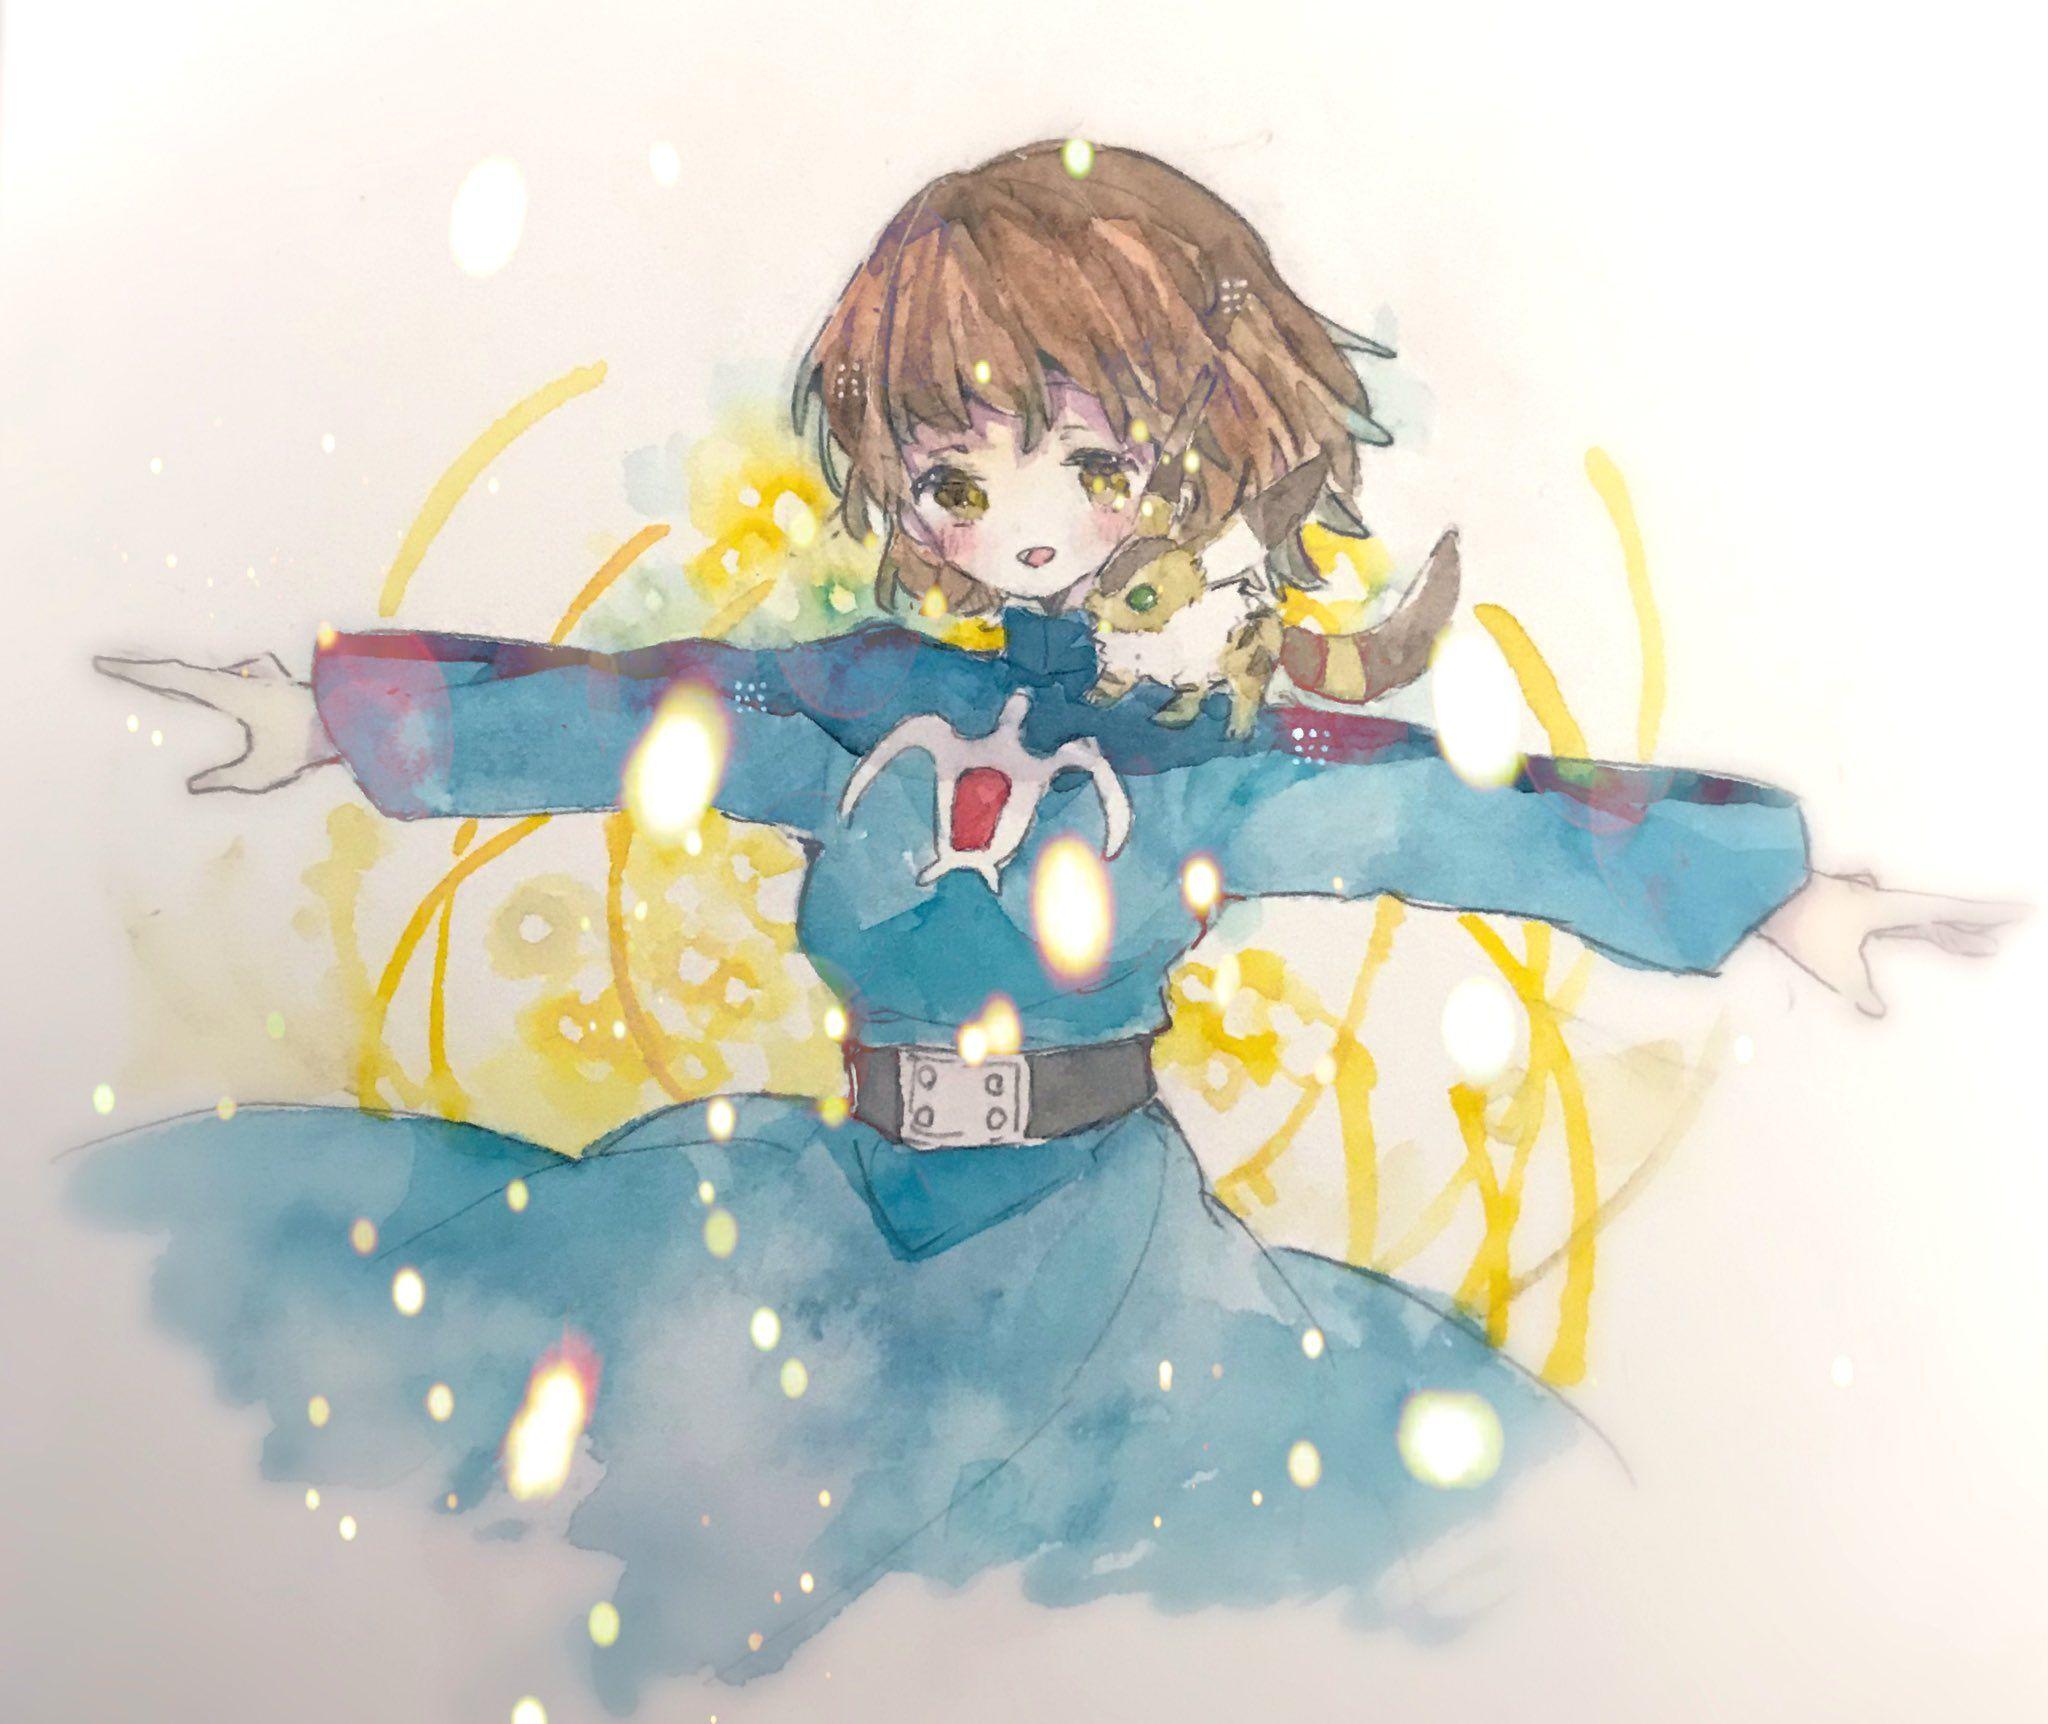 「Anime」おしゃれまとめの人気アイデア|Pinterest|Kaytlyn Sherlome ジブリ, お気に入り